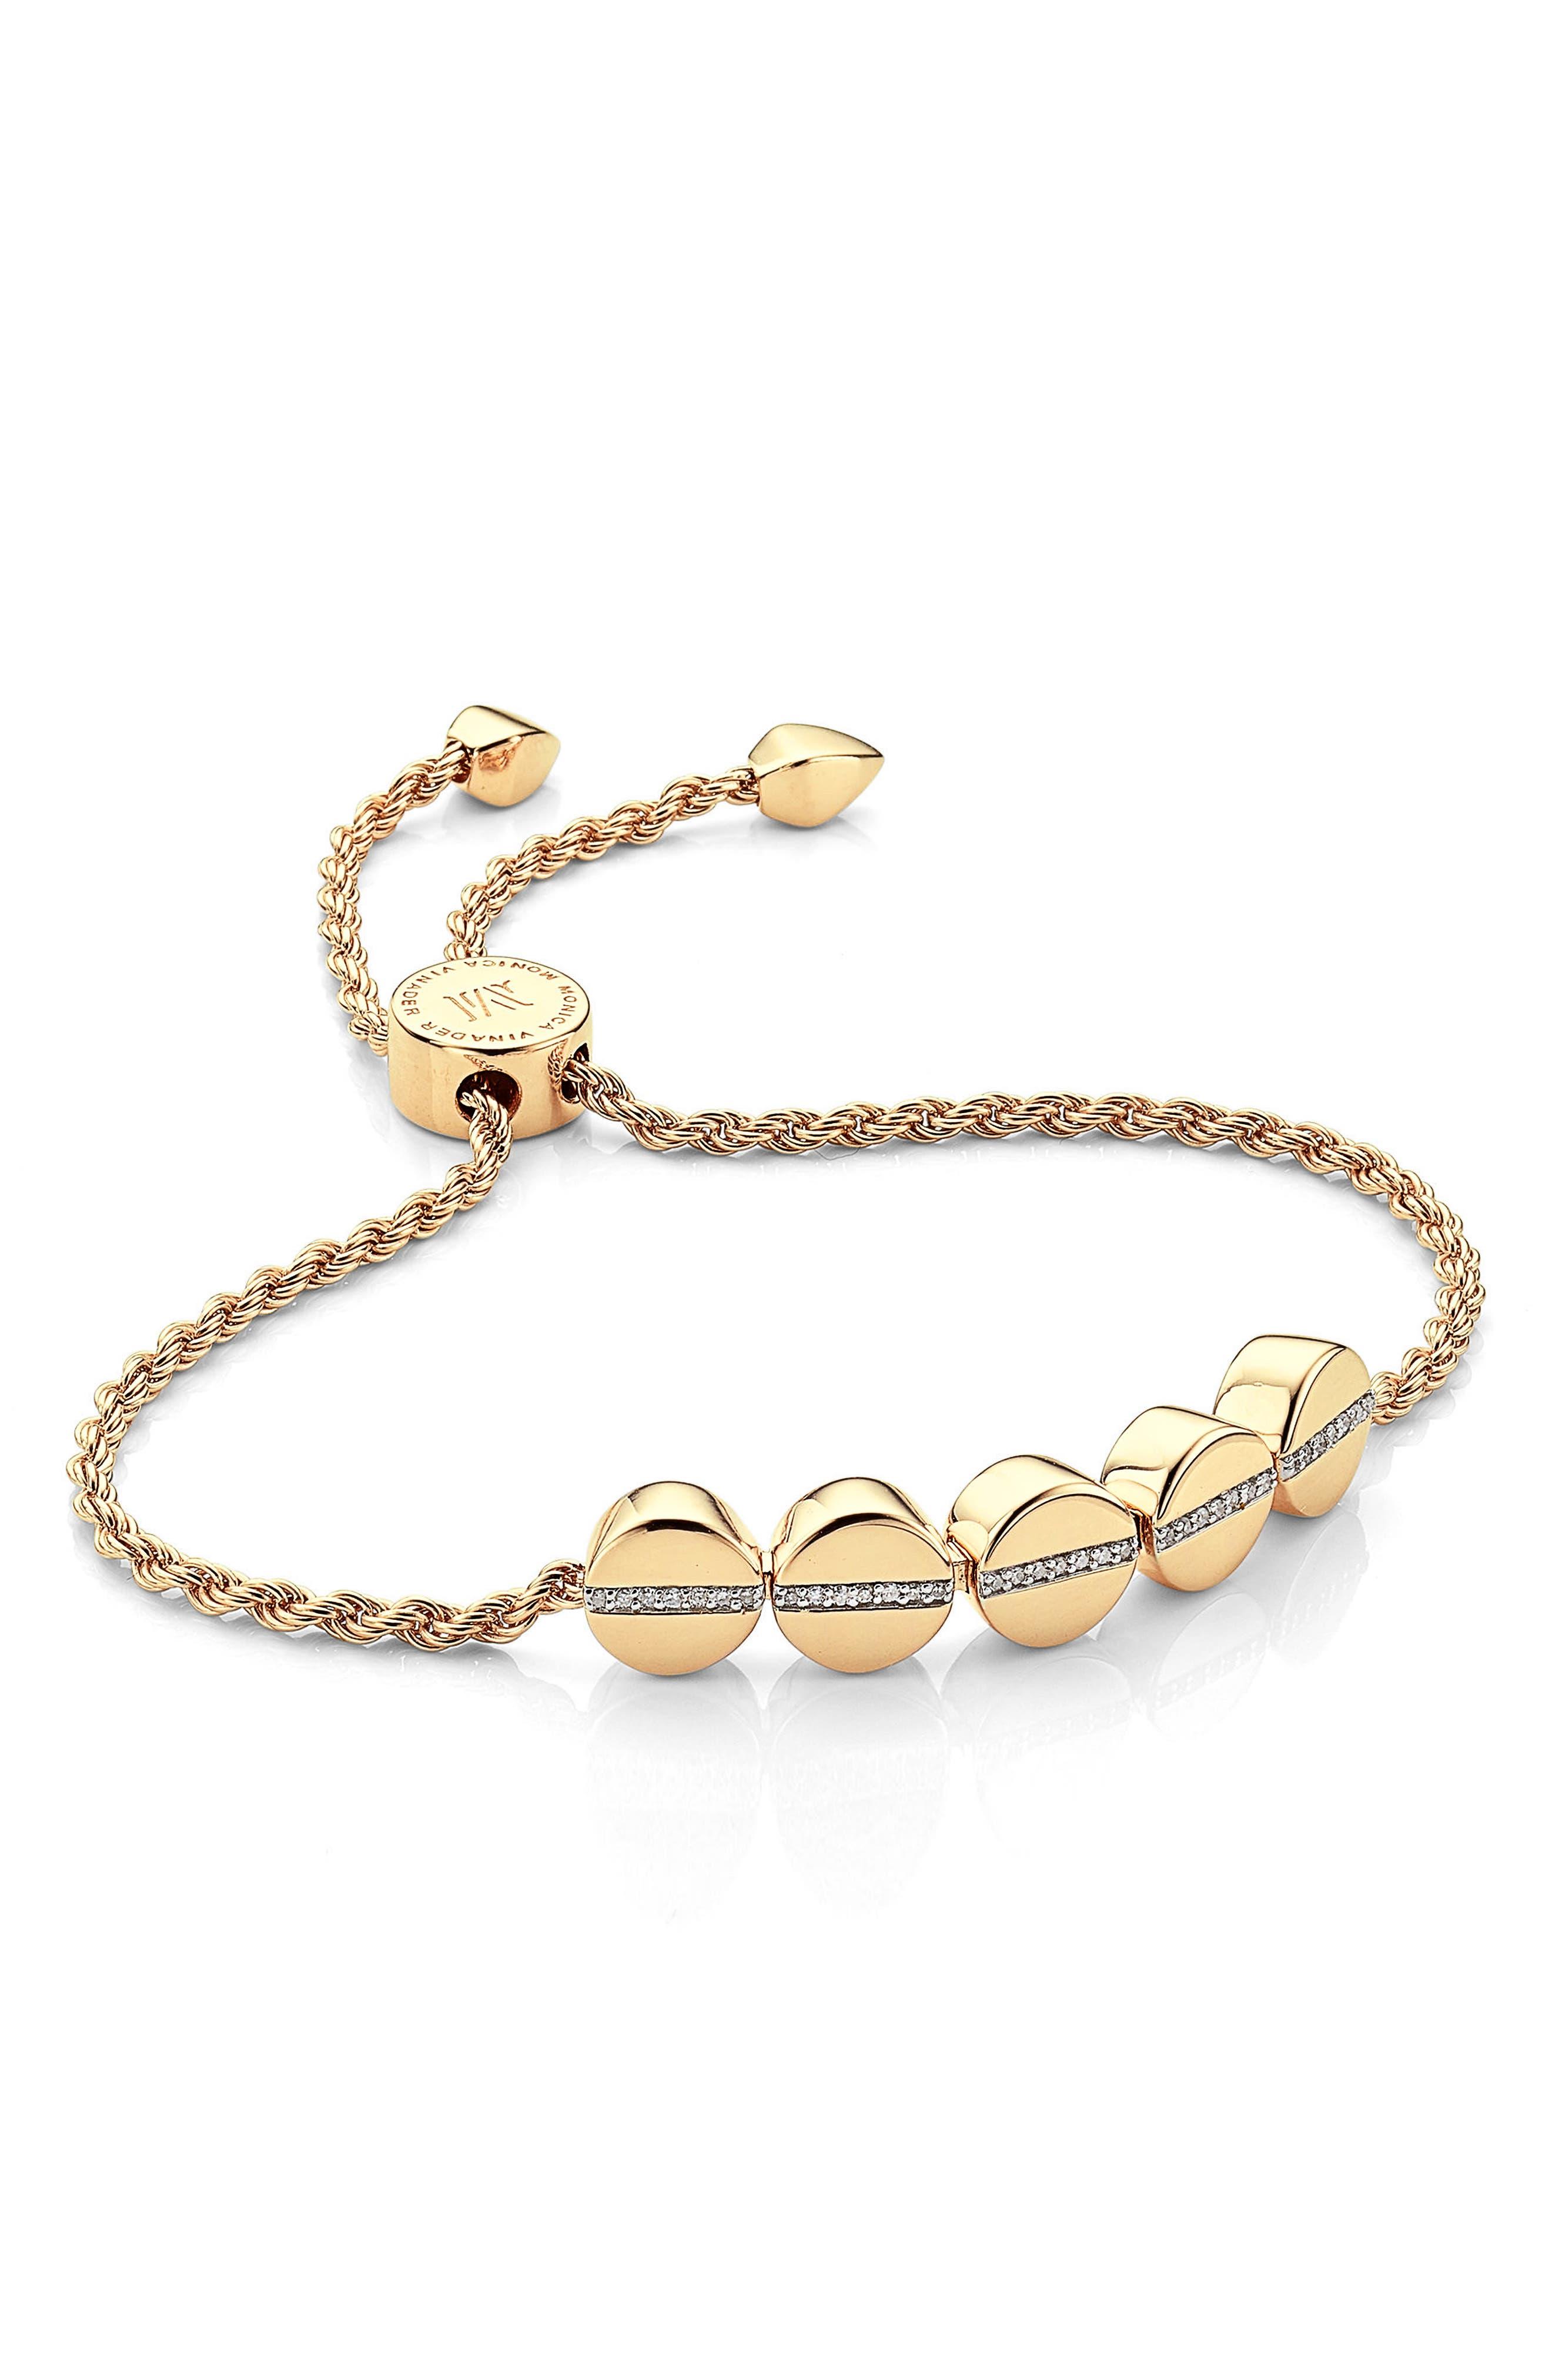 Monica Vinader Diamond Beaded Friendship Bracelet